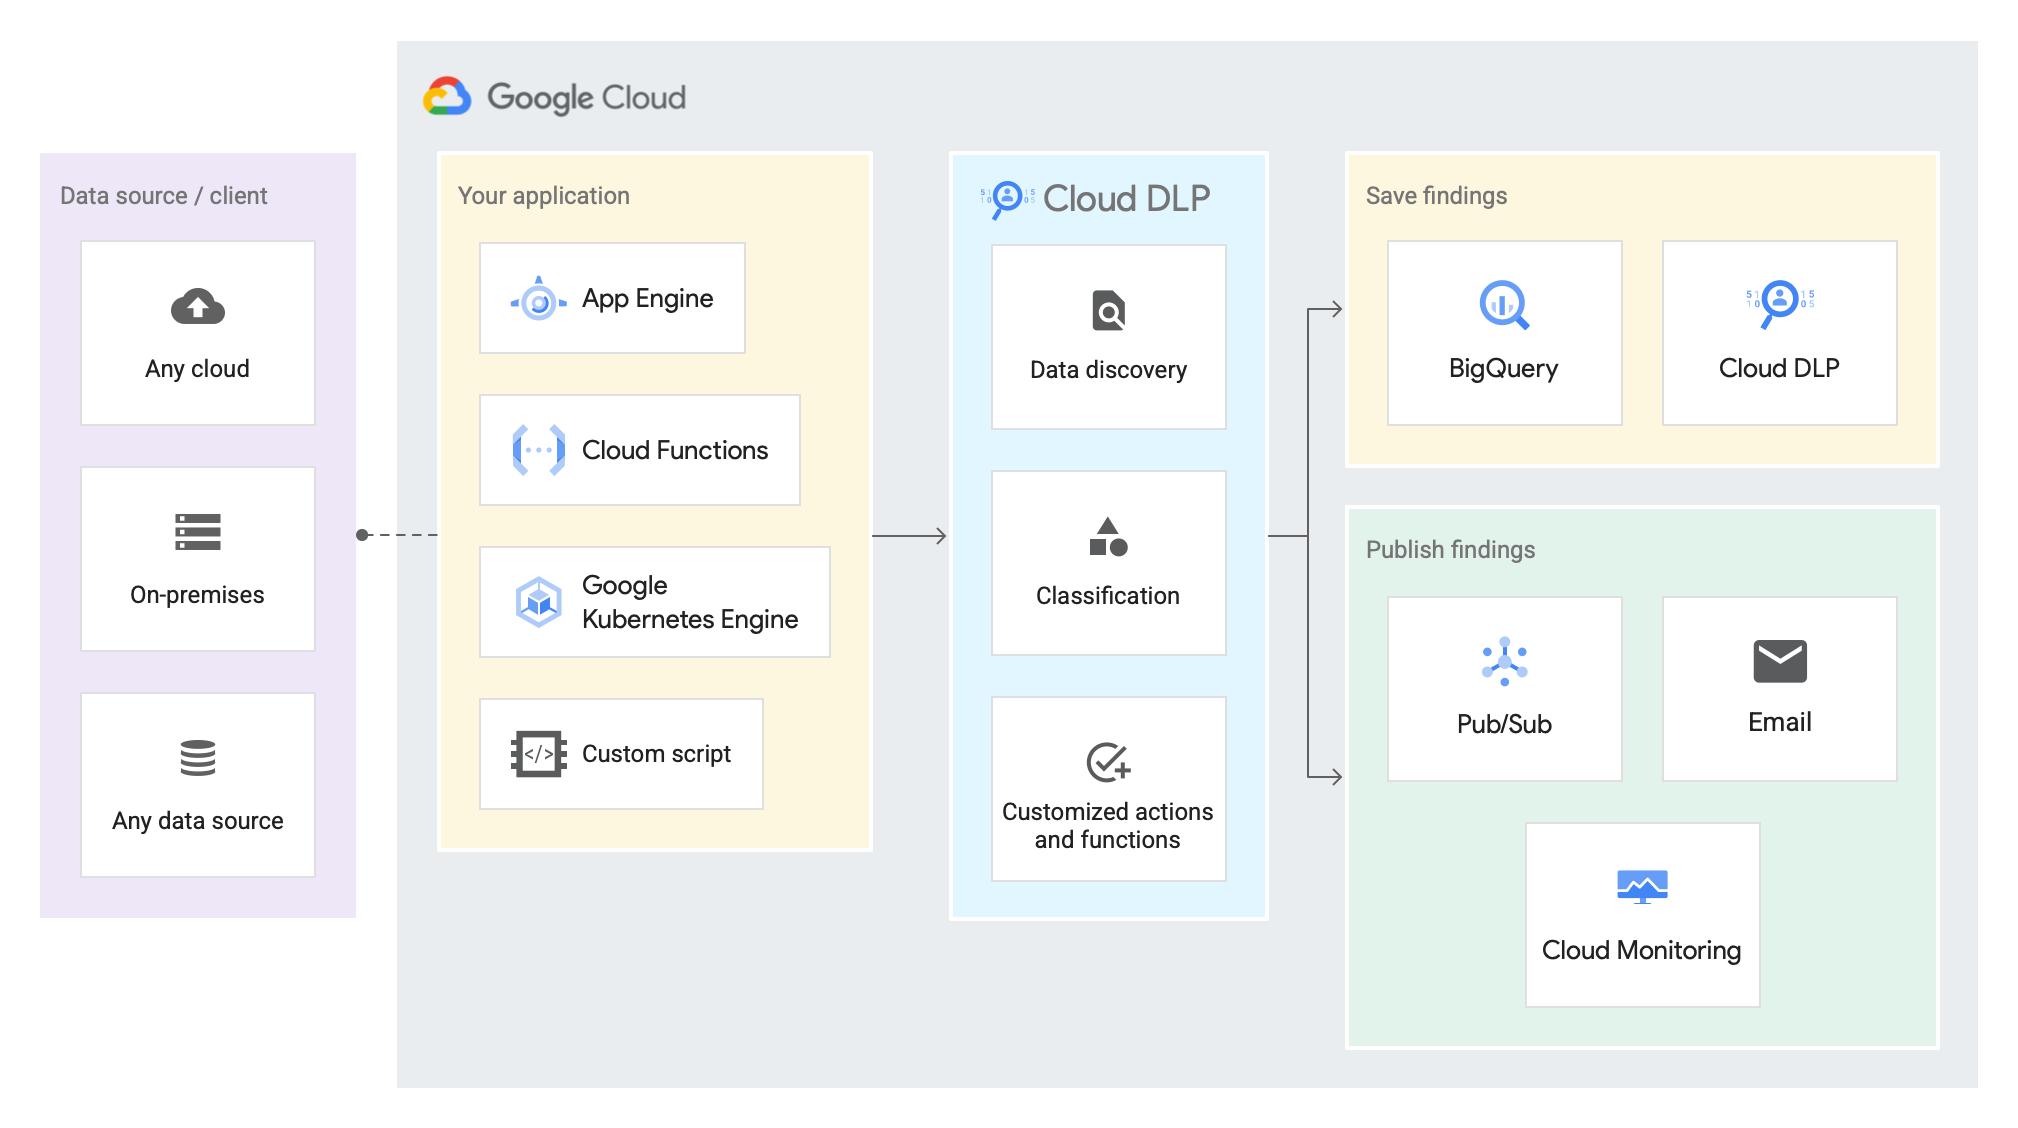 Diagramme de flux de données montrant l'envoi de données par une application depuis une source externe vers CloudDLP, l'inspection des données par CloudDLP, puis l'enregistrement ou la publication des résultats.